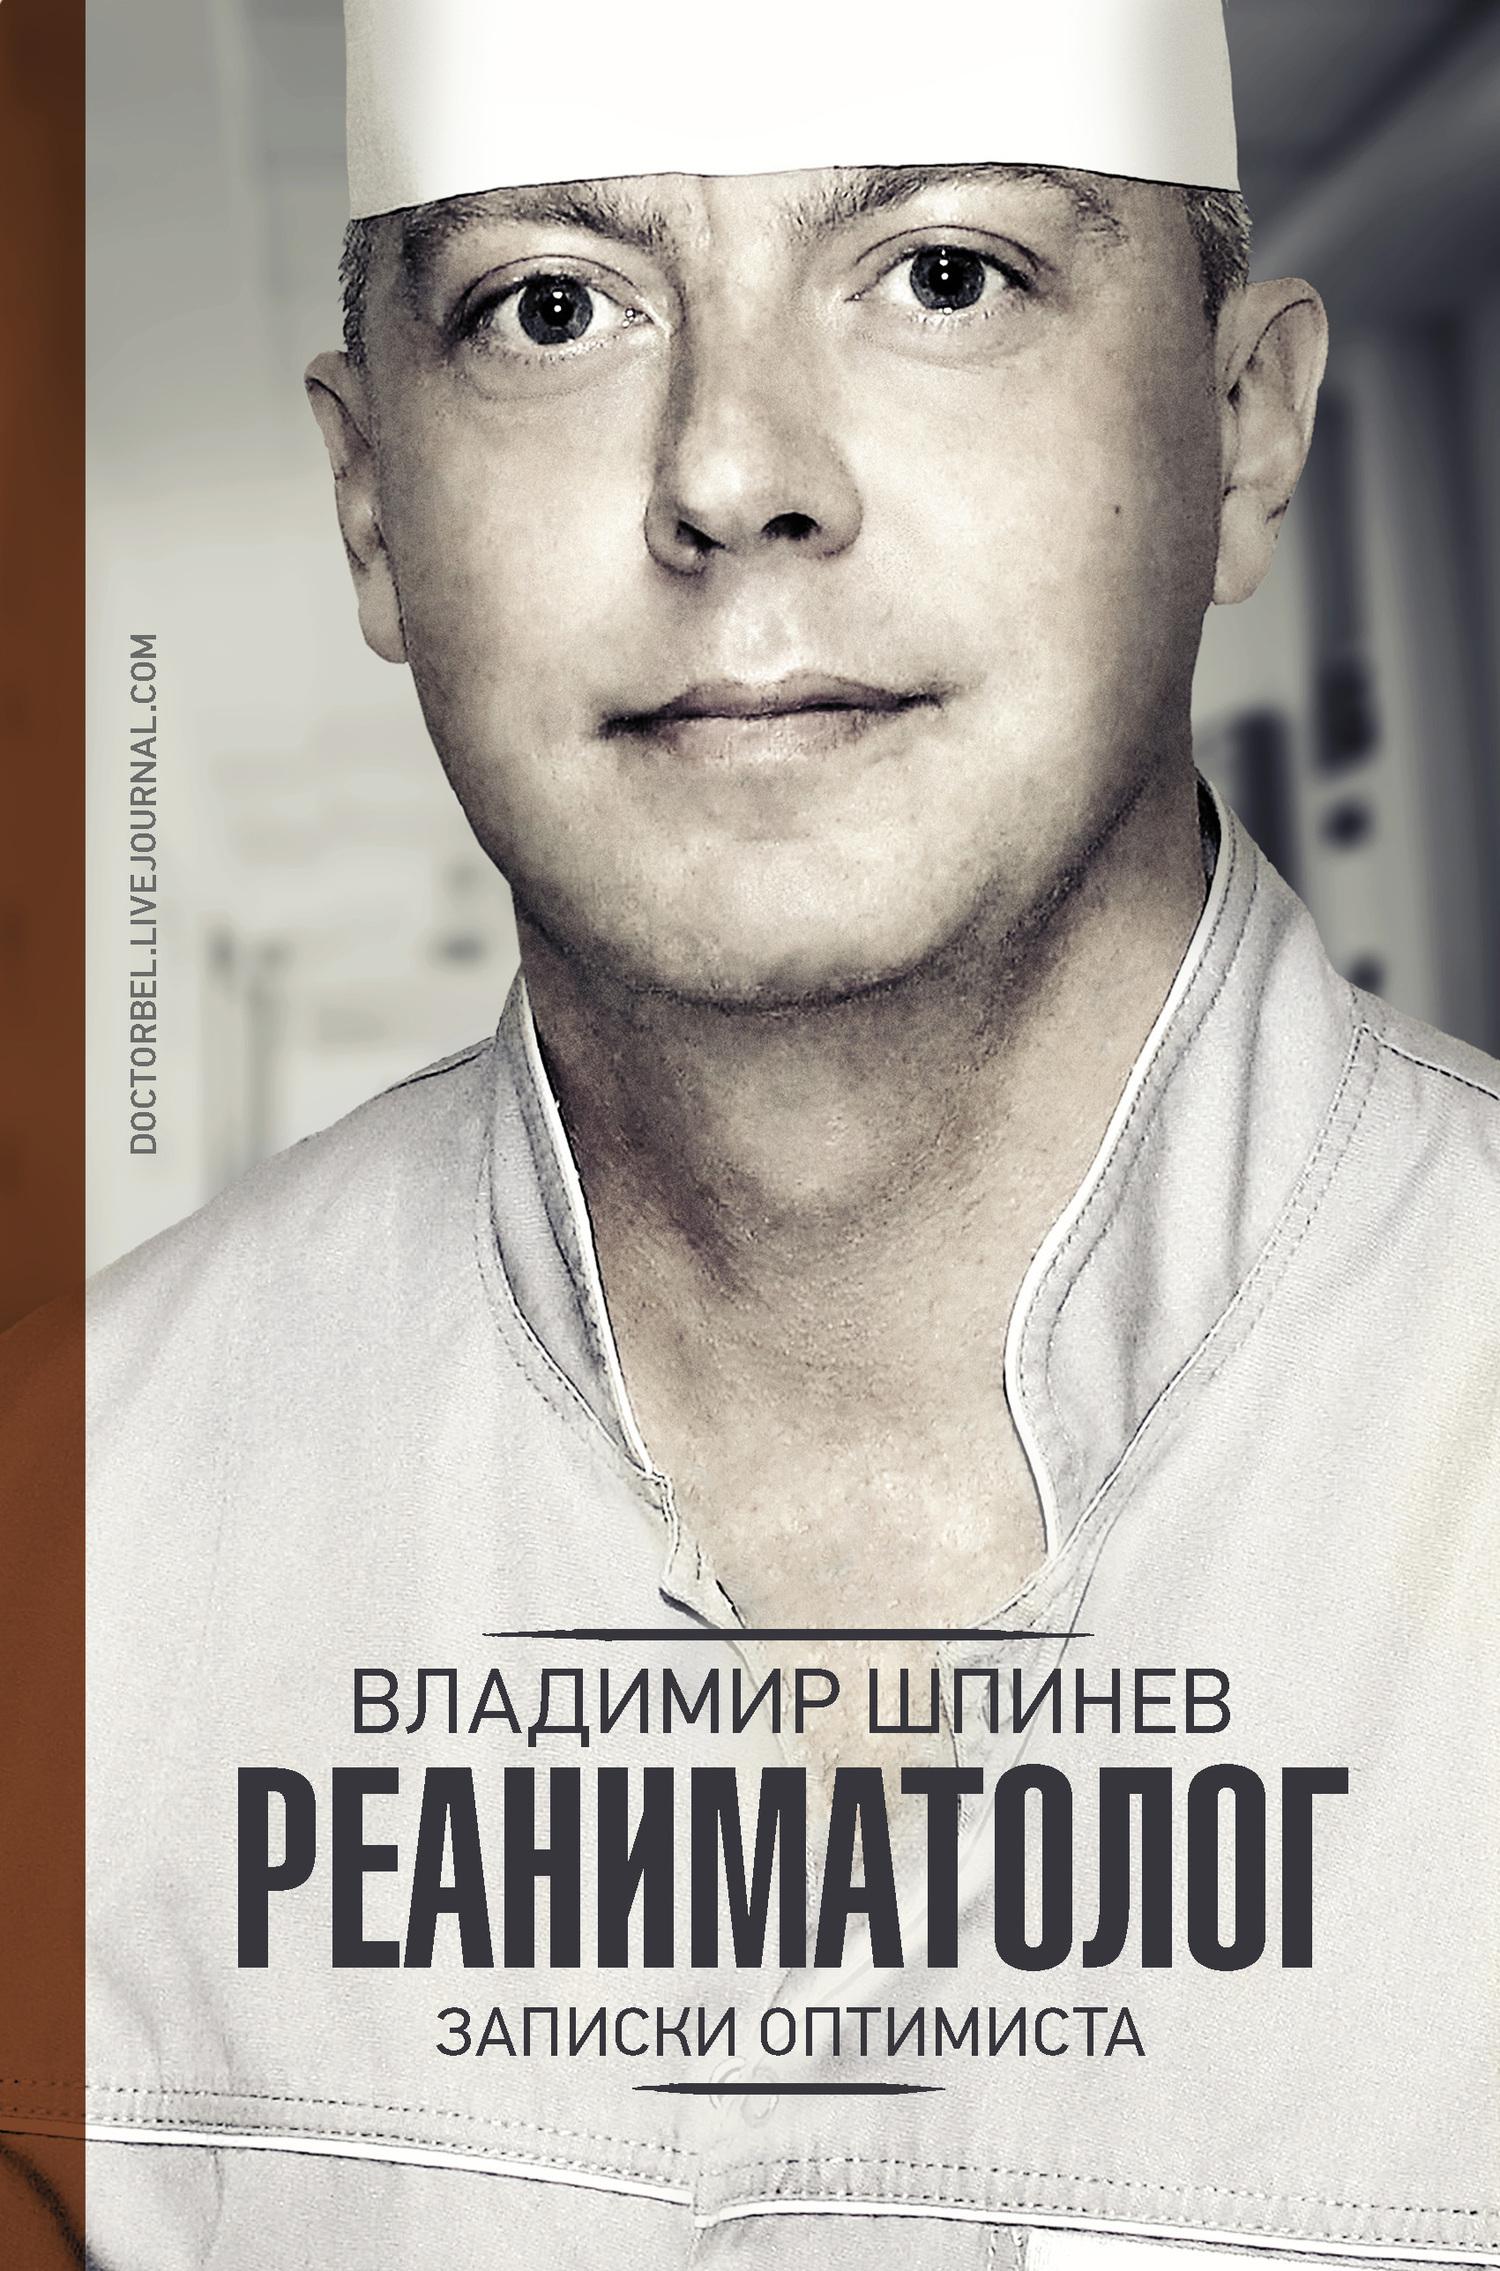 Книга Реаниматолог. Записки оптимиста